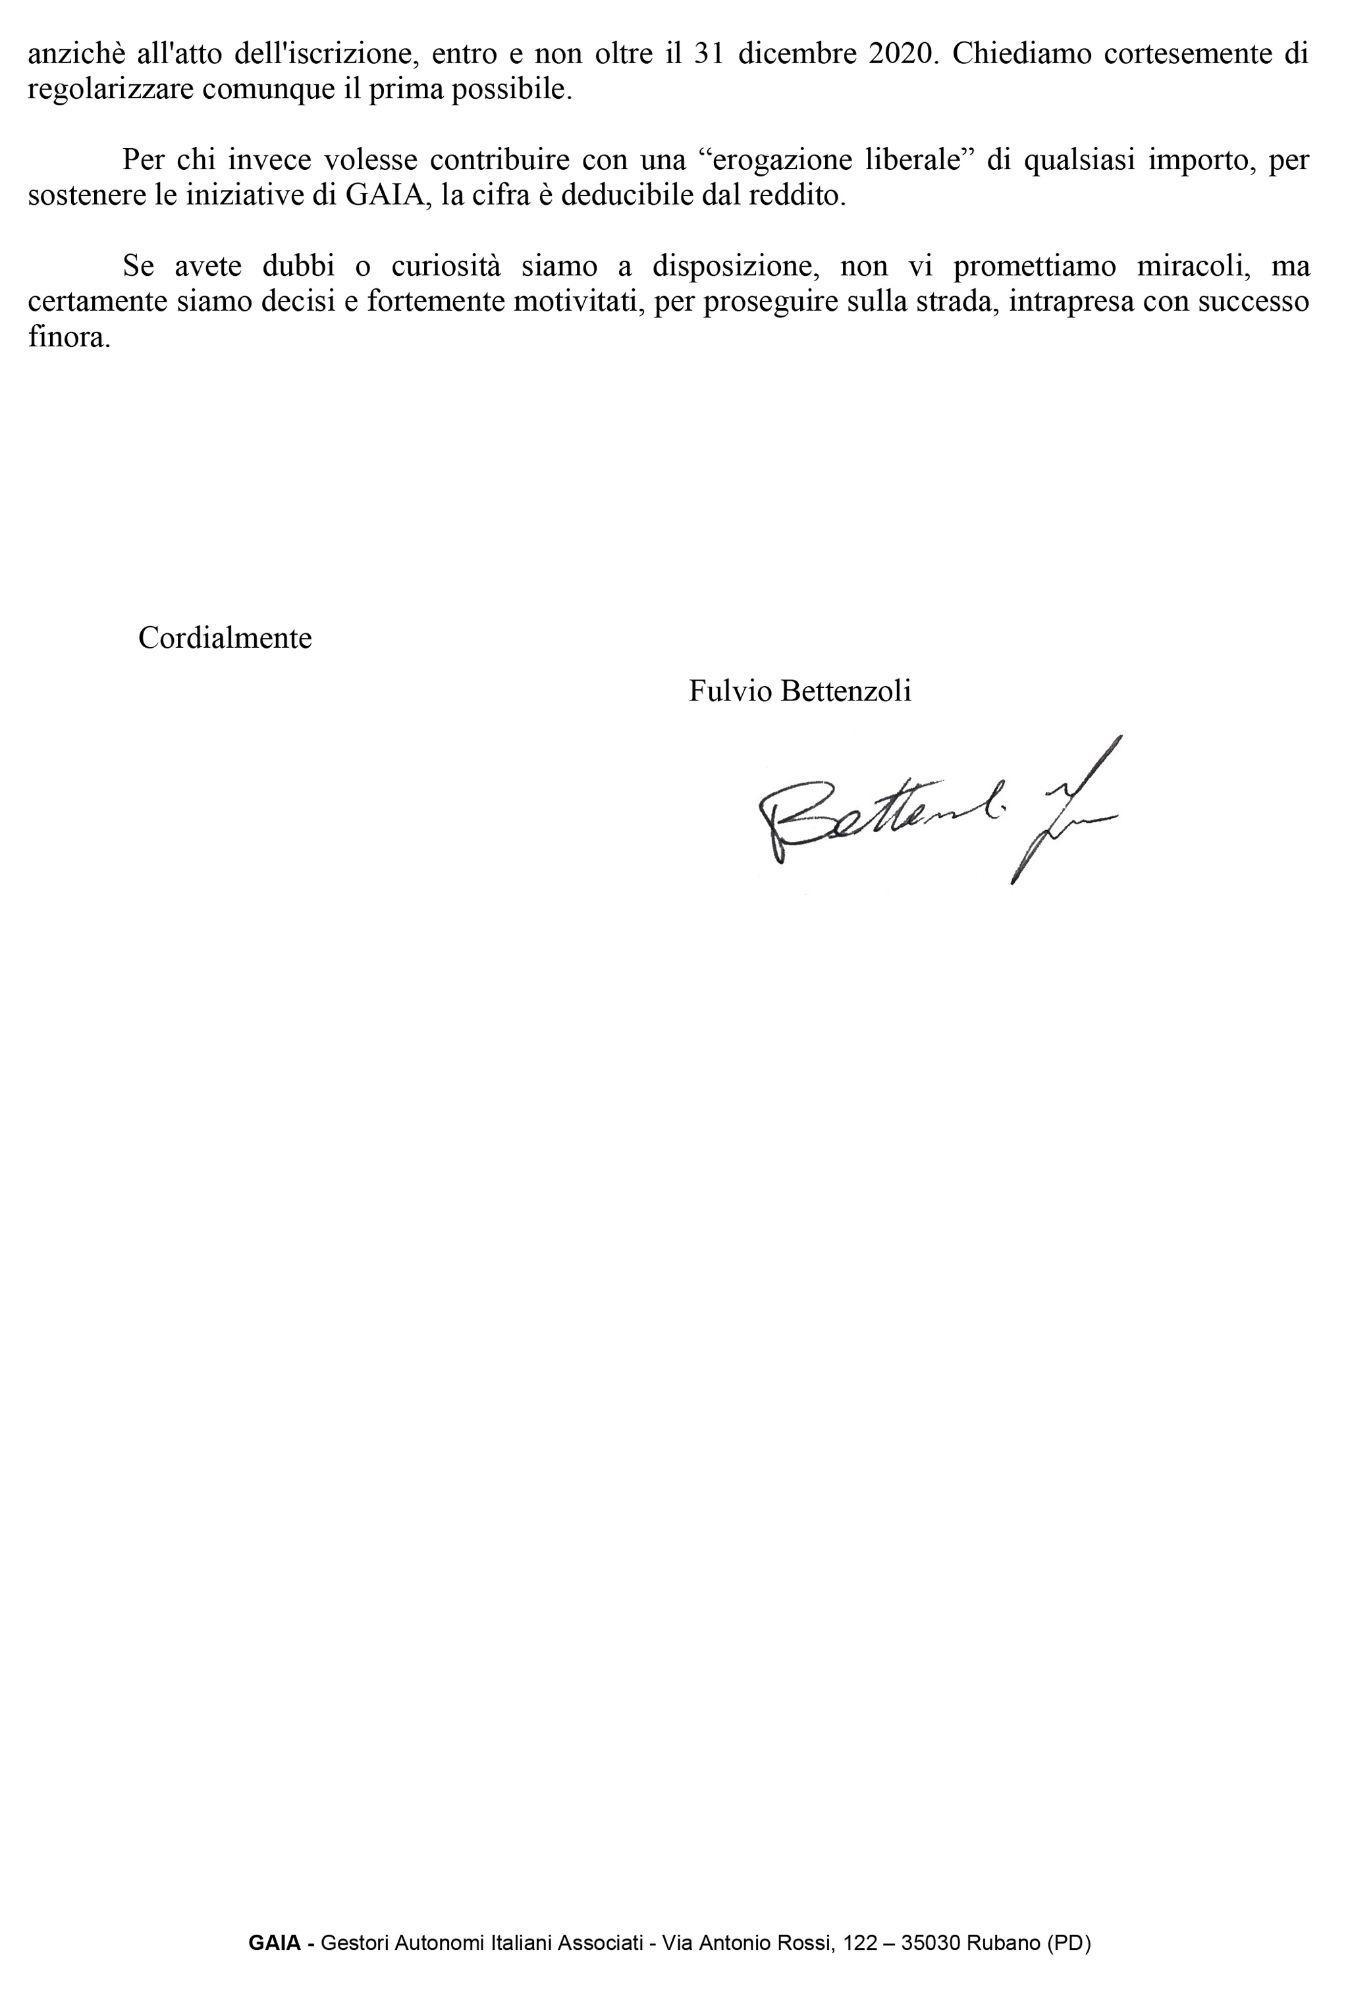 lettera-del-presidente-bettenzoli-per-sito-2-1589209333.jpg